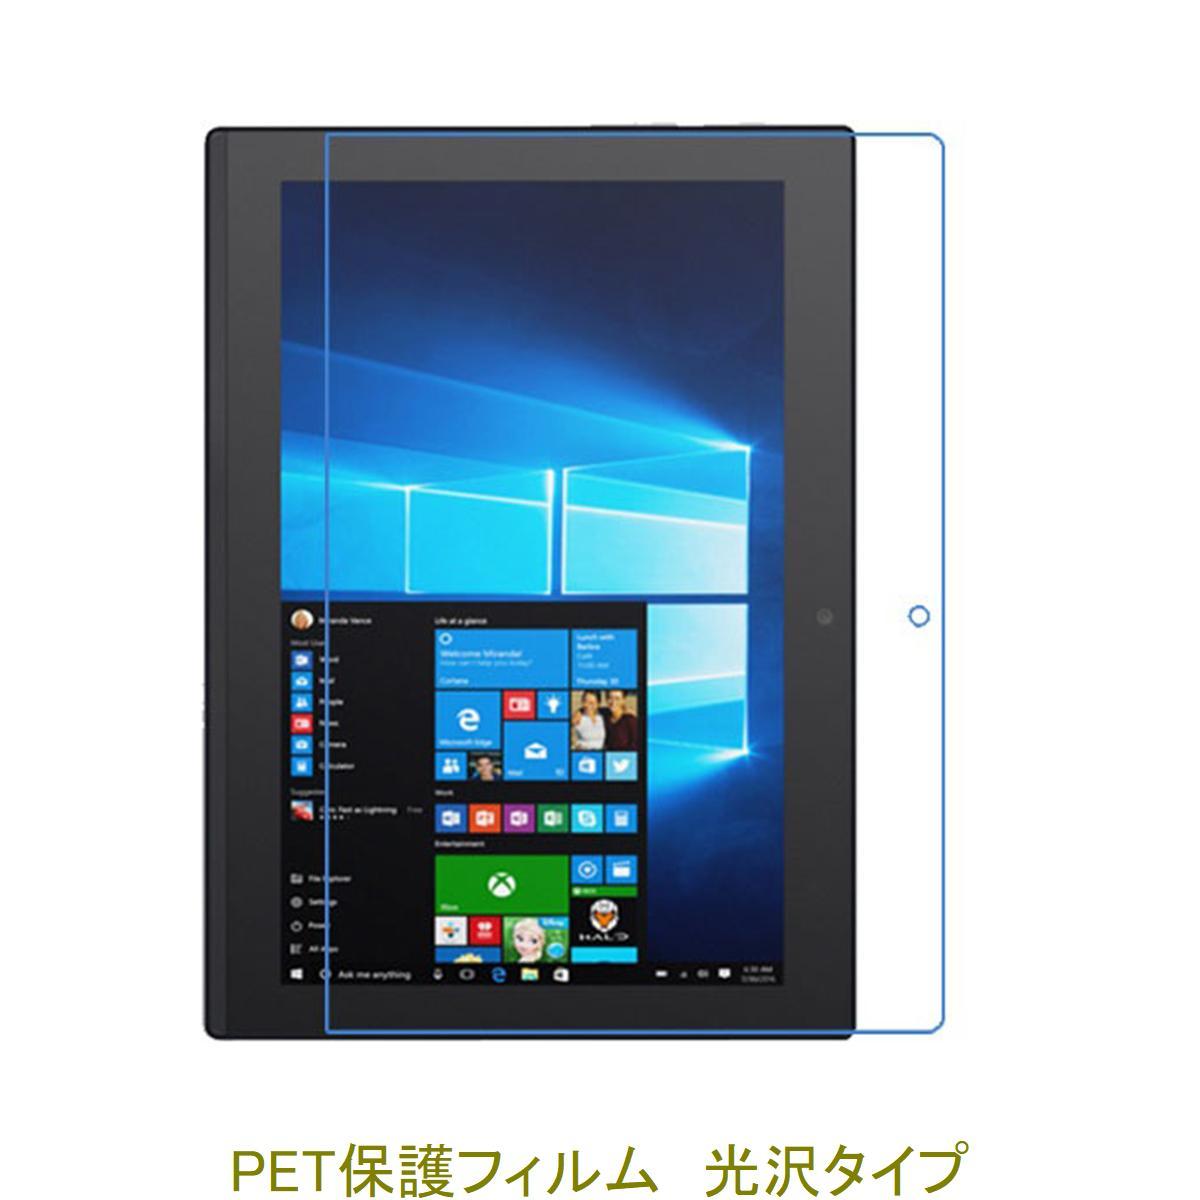 【メール便送料無料】 Lenovo ideapad Miix 320 10.1インチ 液晶保護フィルム 高光沢 クリア